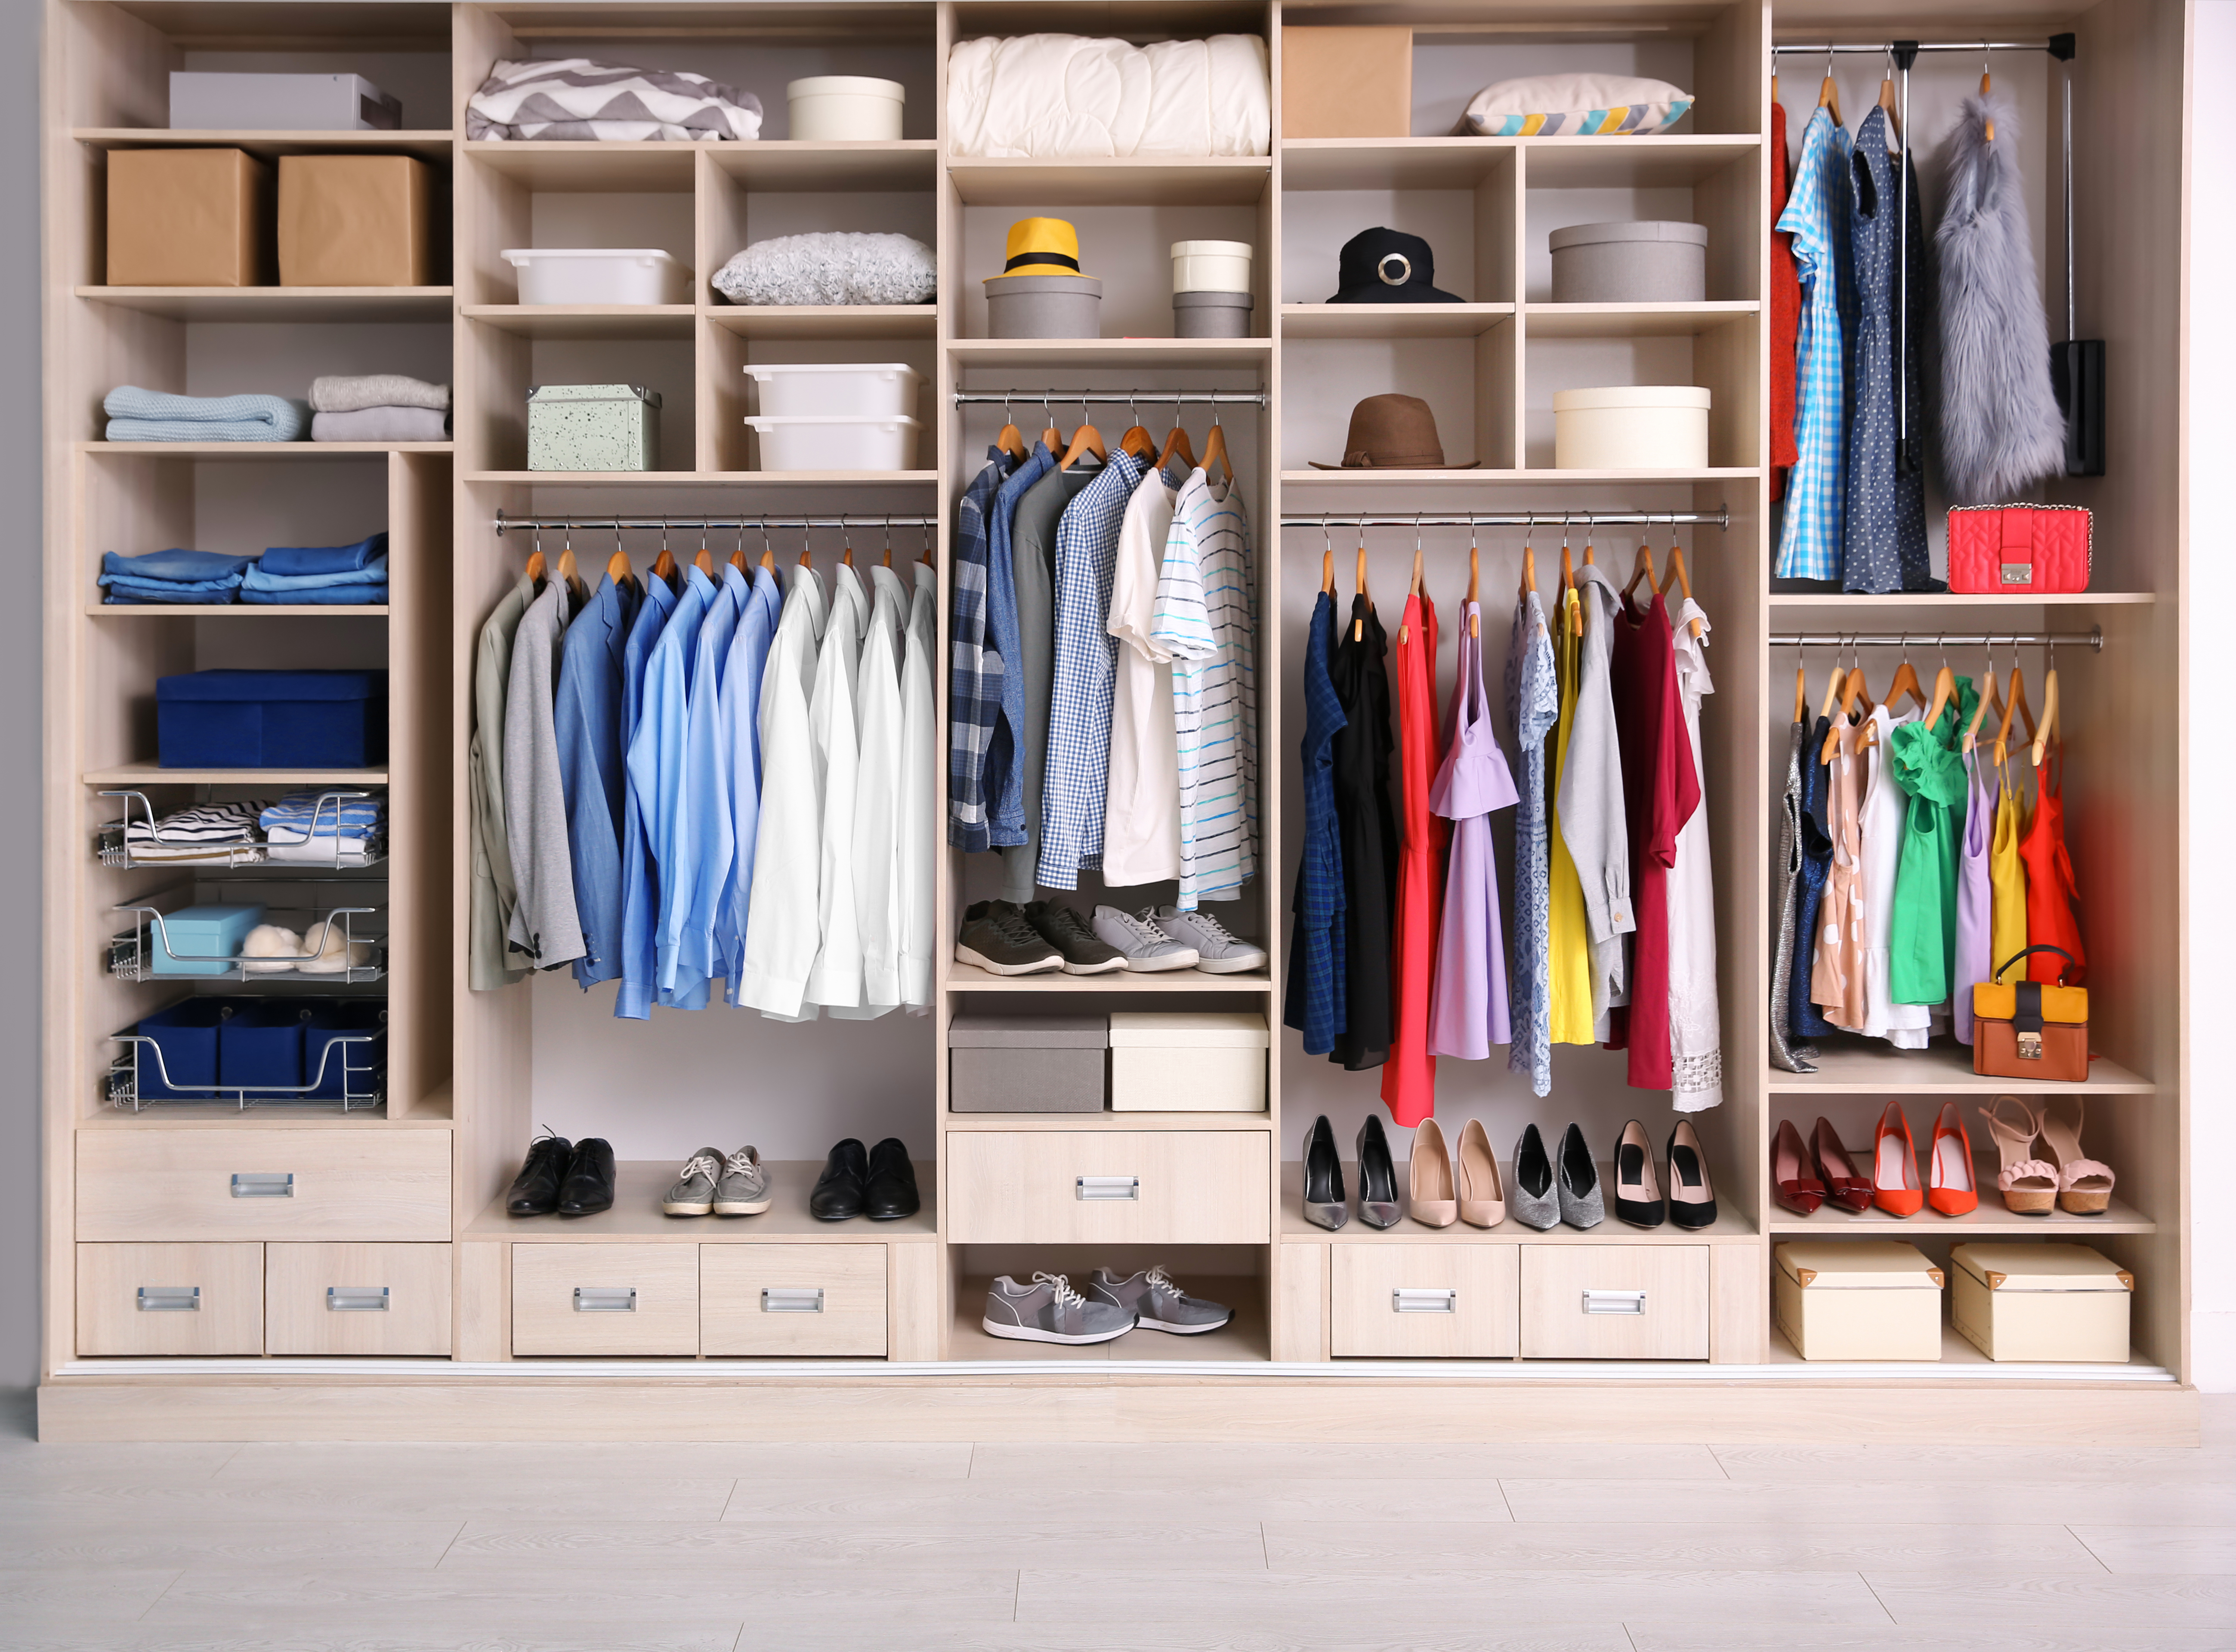 Comment bien ranger ses placards ou son dressing ?